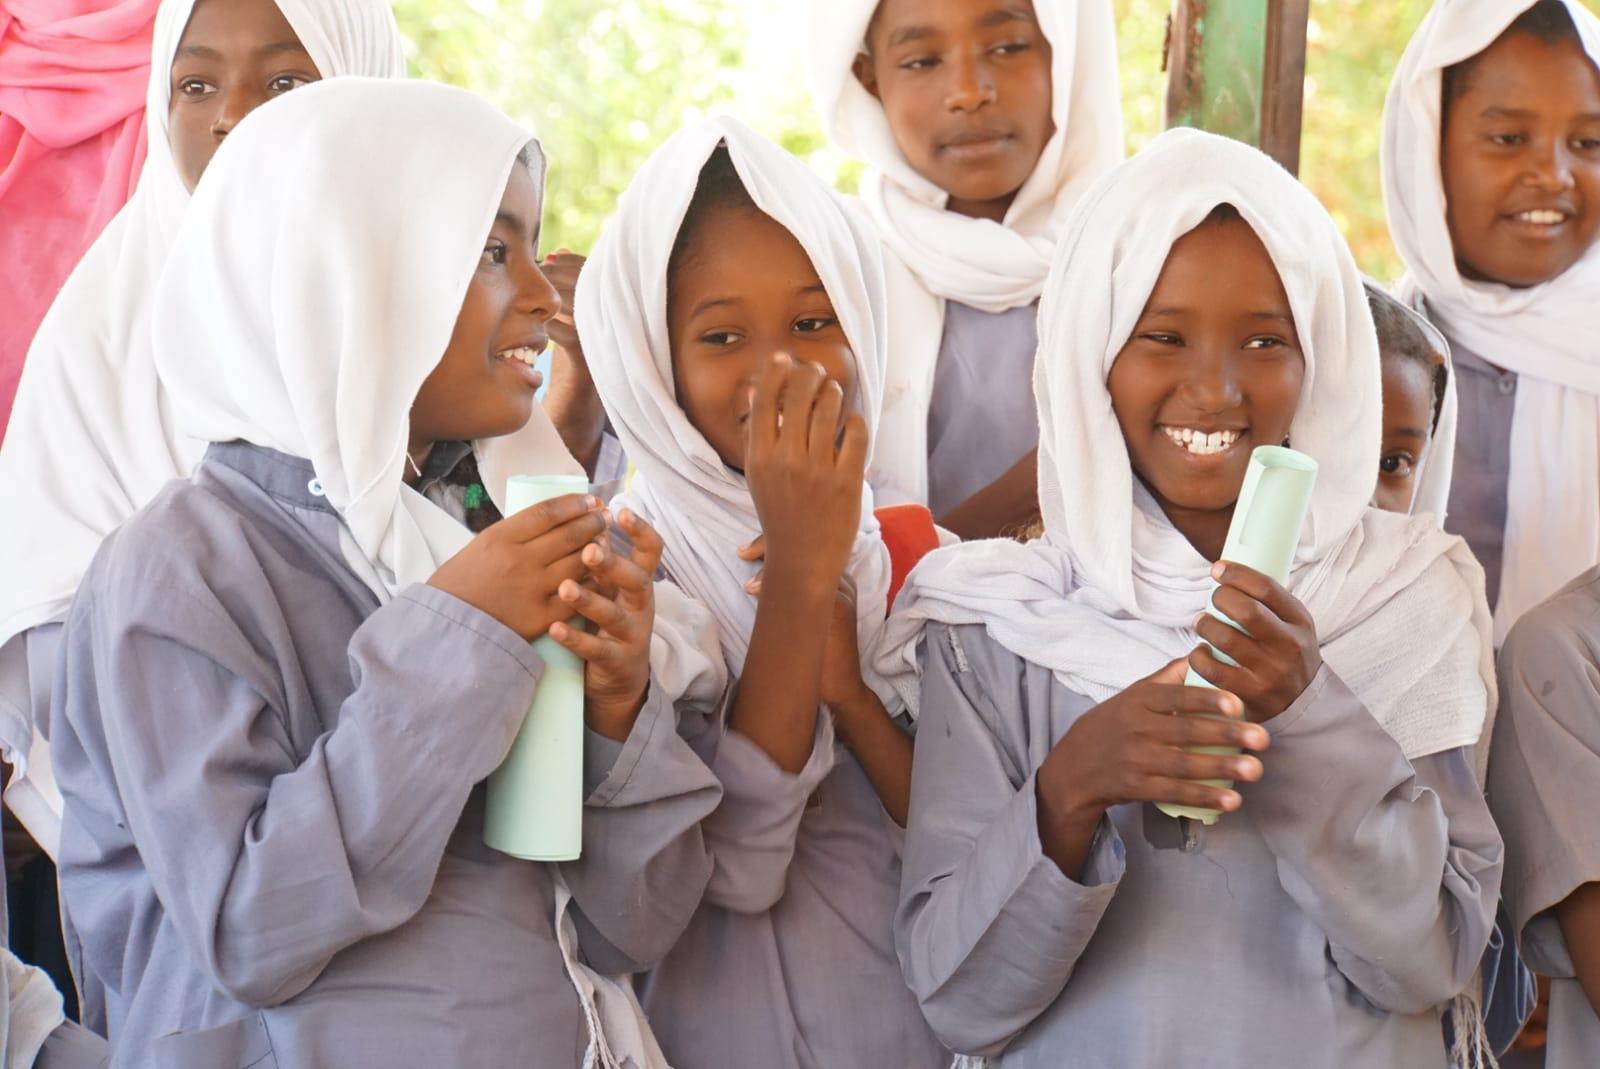 女の子達のはじける笑顔